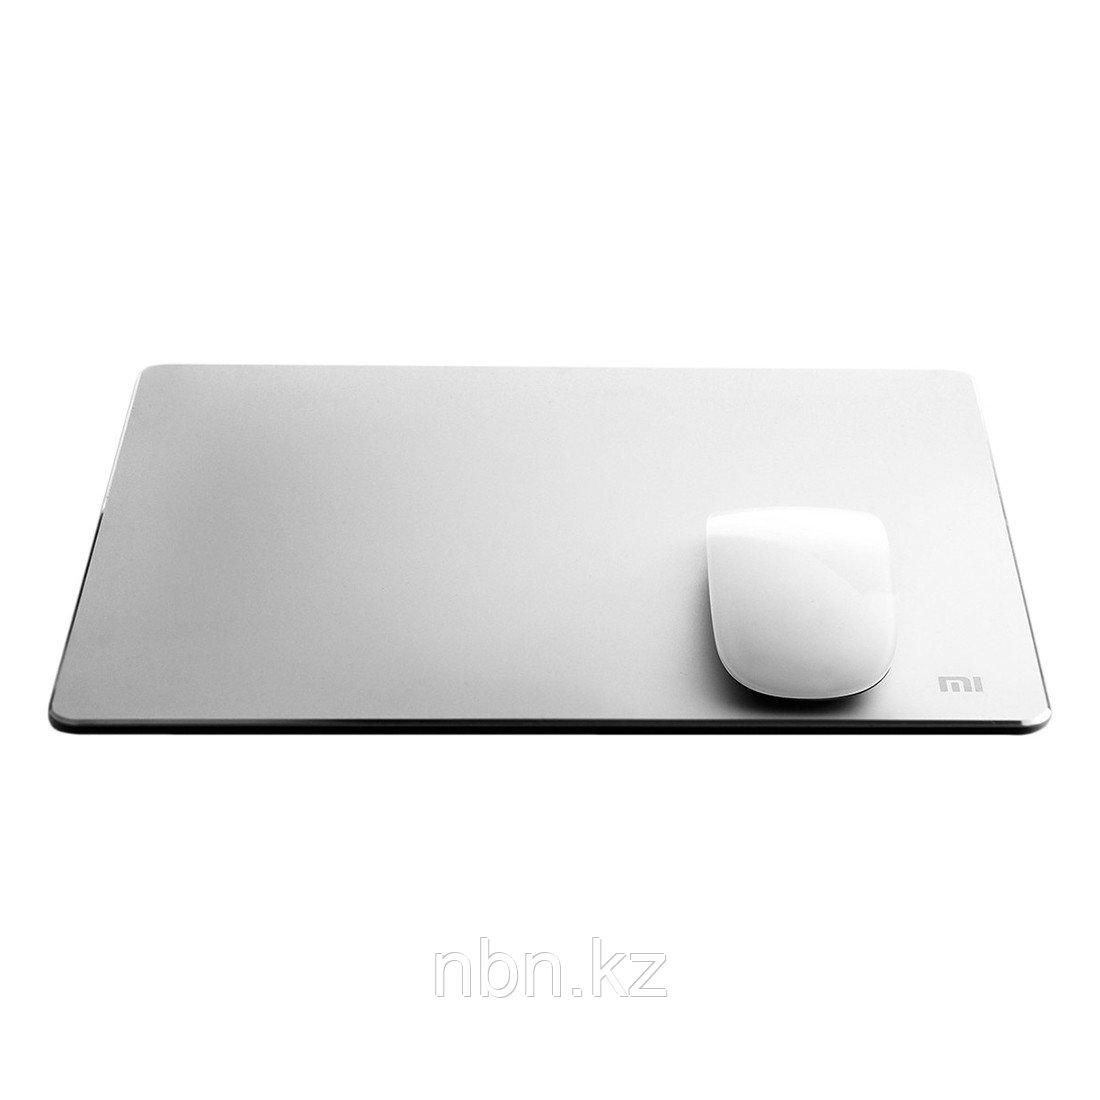 Металлический коврик для мыши Xiaomi (бол)